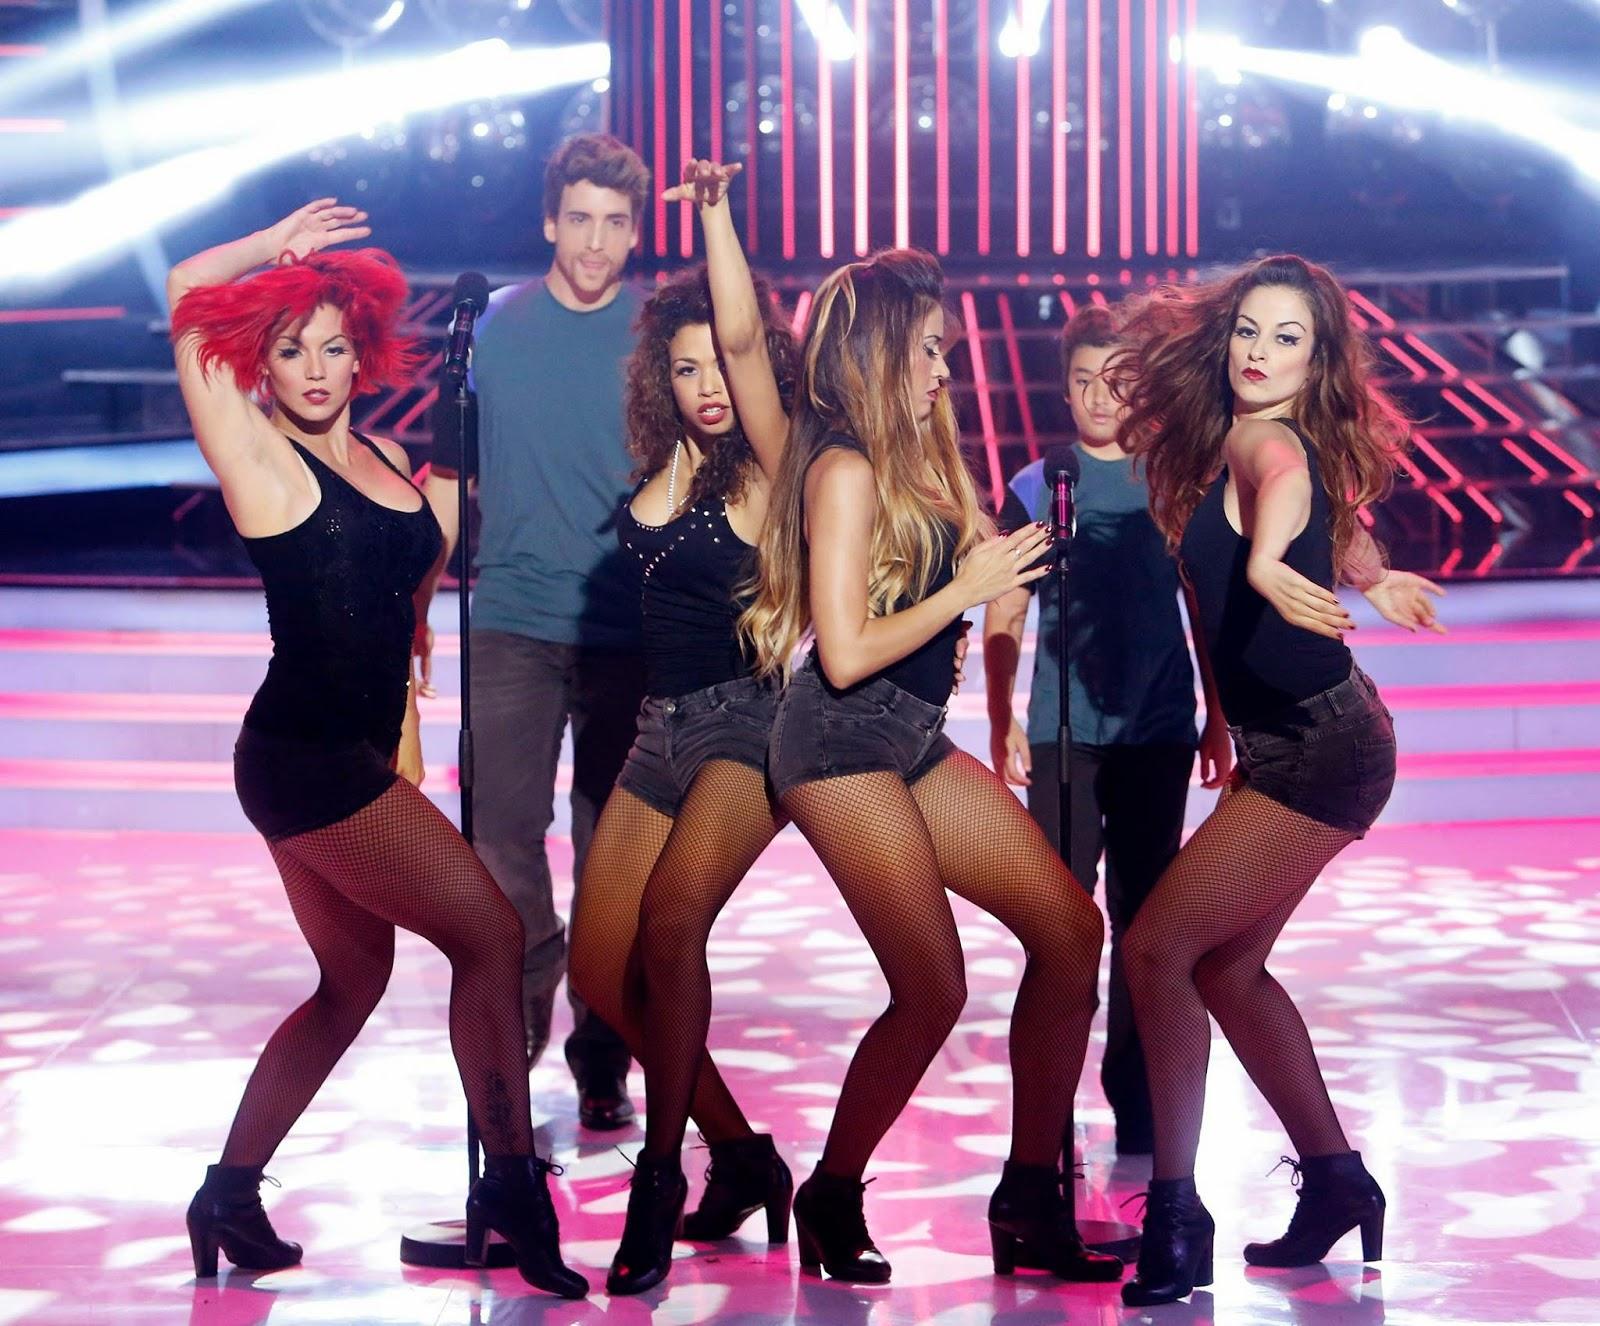 Dance cara dance - 2 6